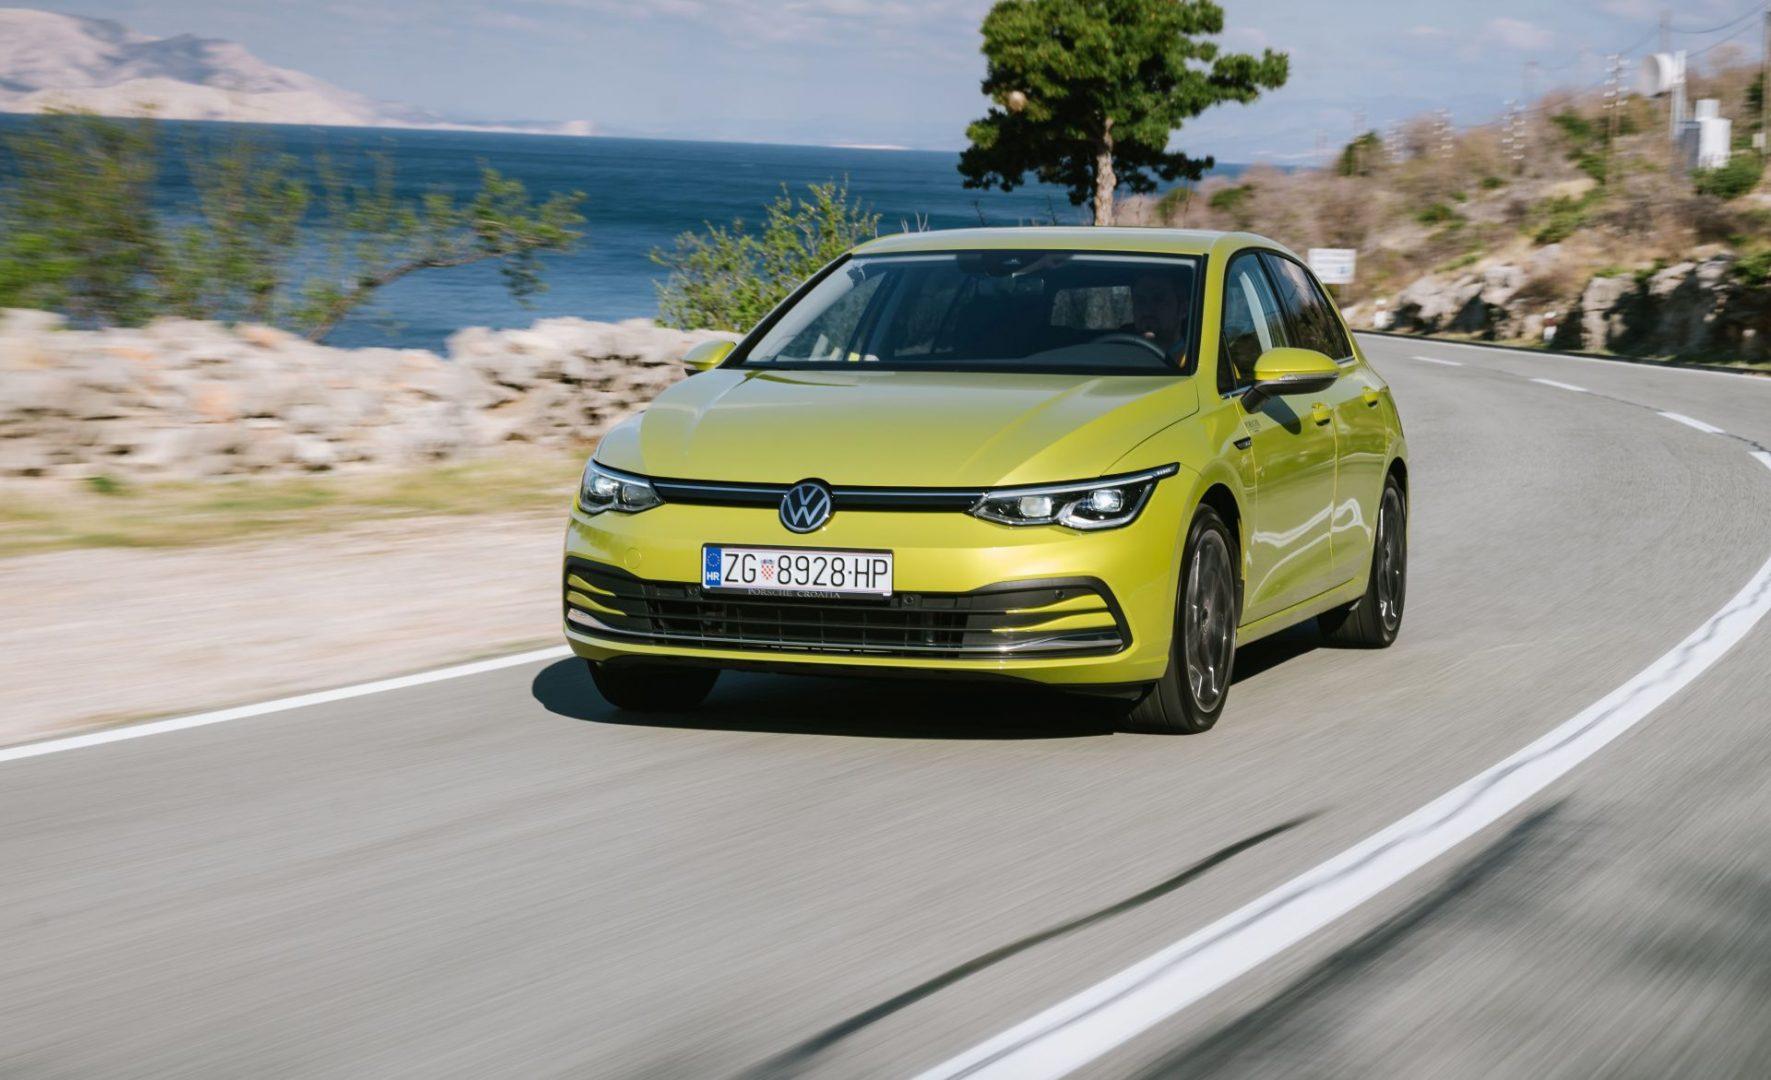 Stigao je novi Golf: cijene benzinaca od 164.987 kuna, dizelaša od 183.462 kune